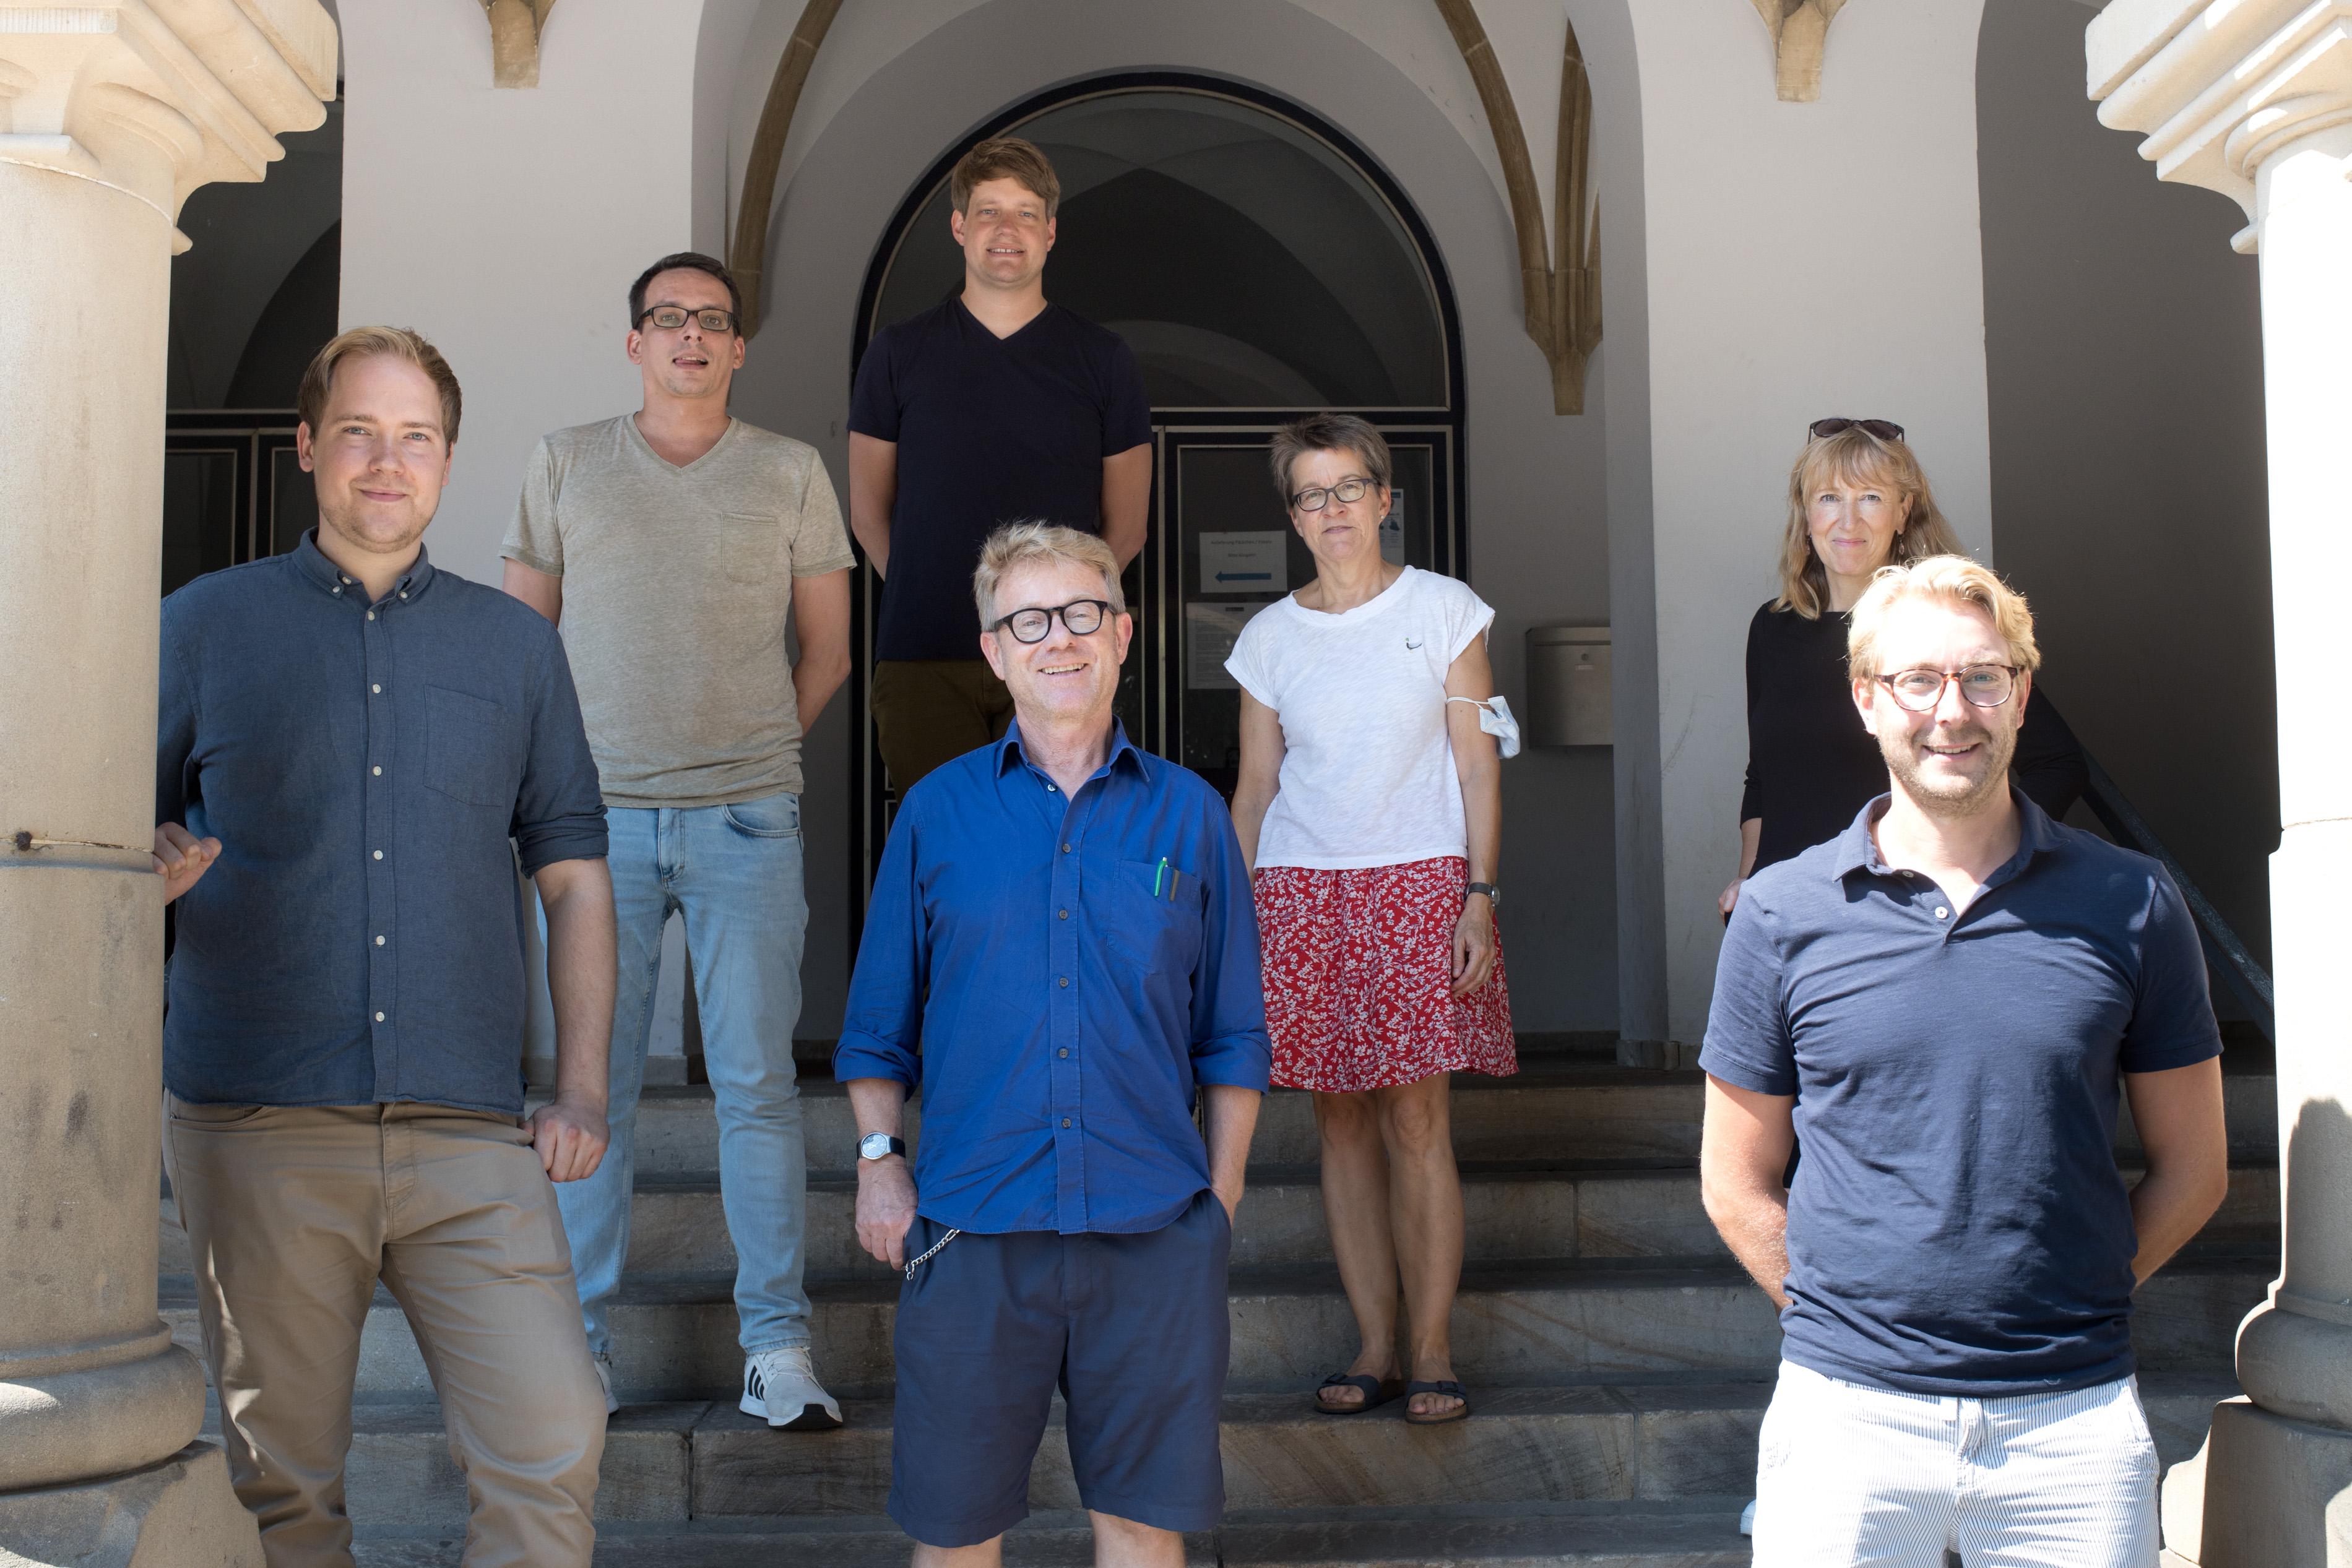 Die Fachschaft Politik/Sozialwissenschaften am Schillergymnasium Münster